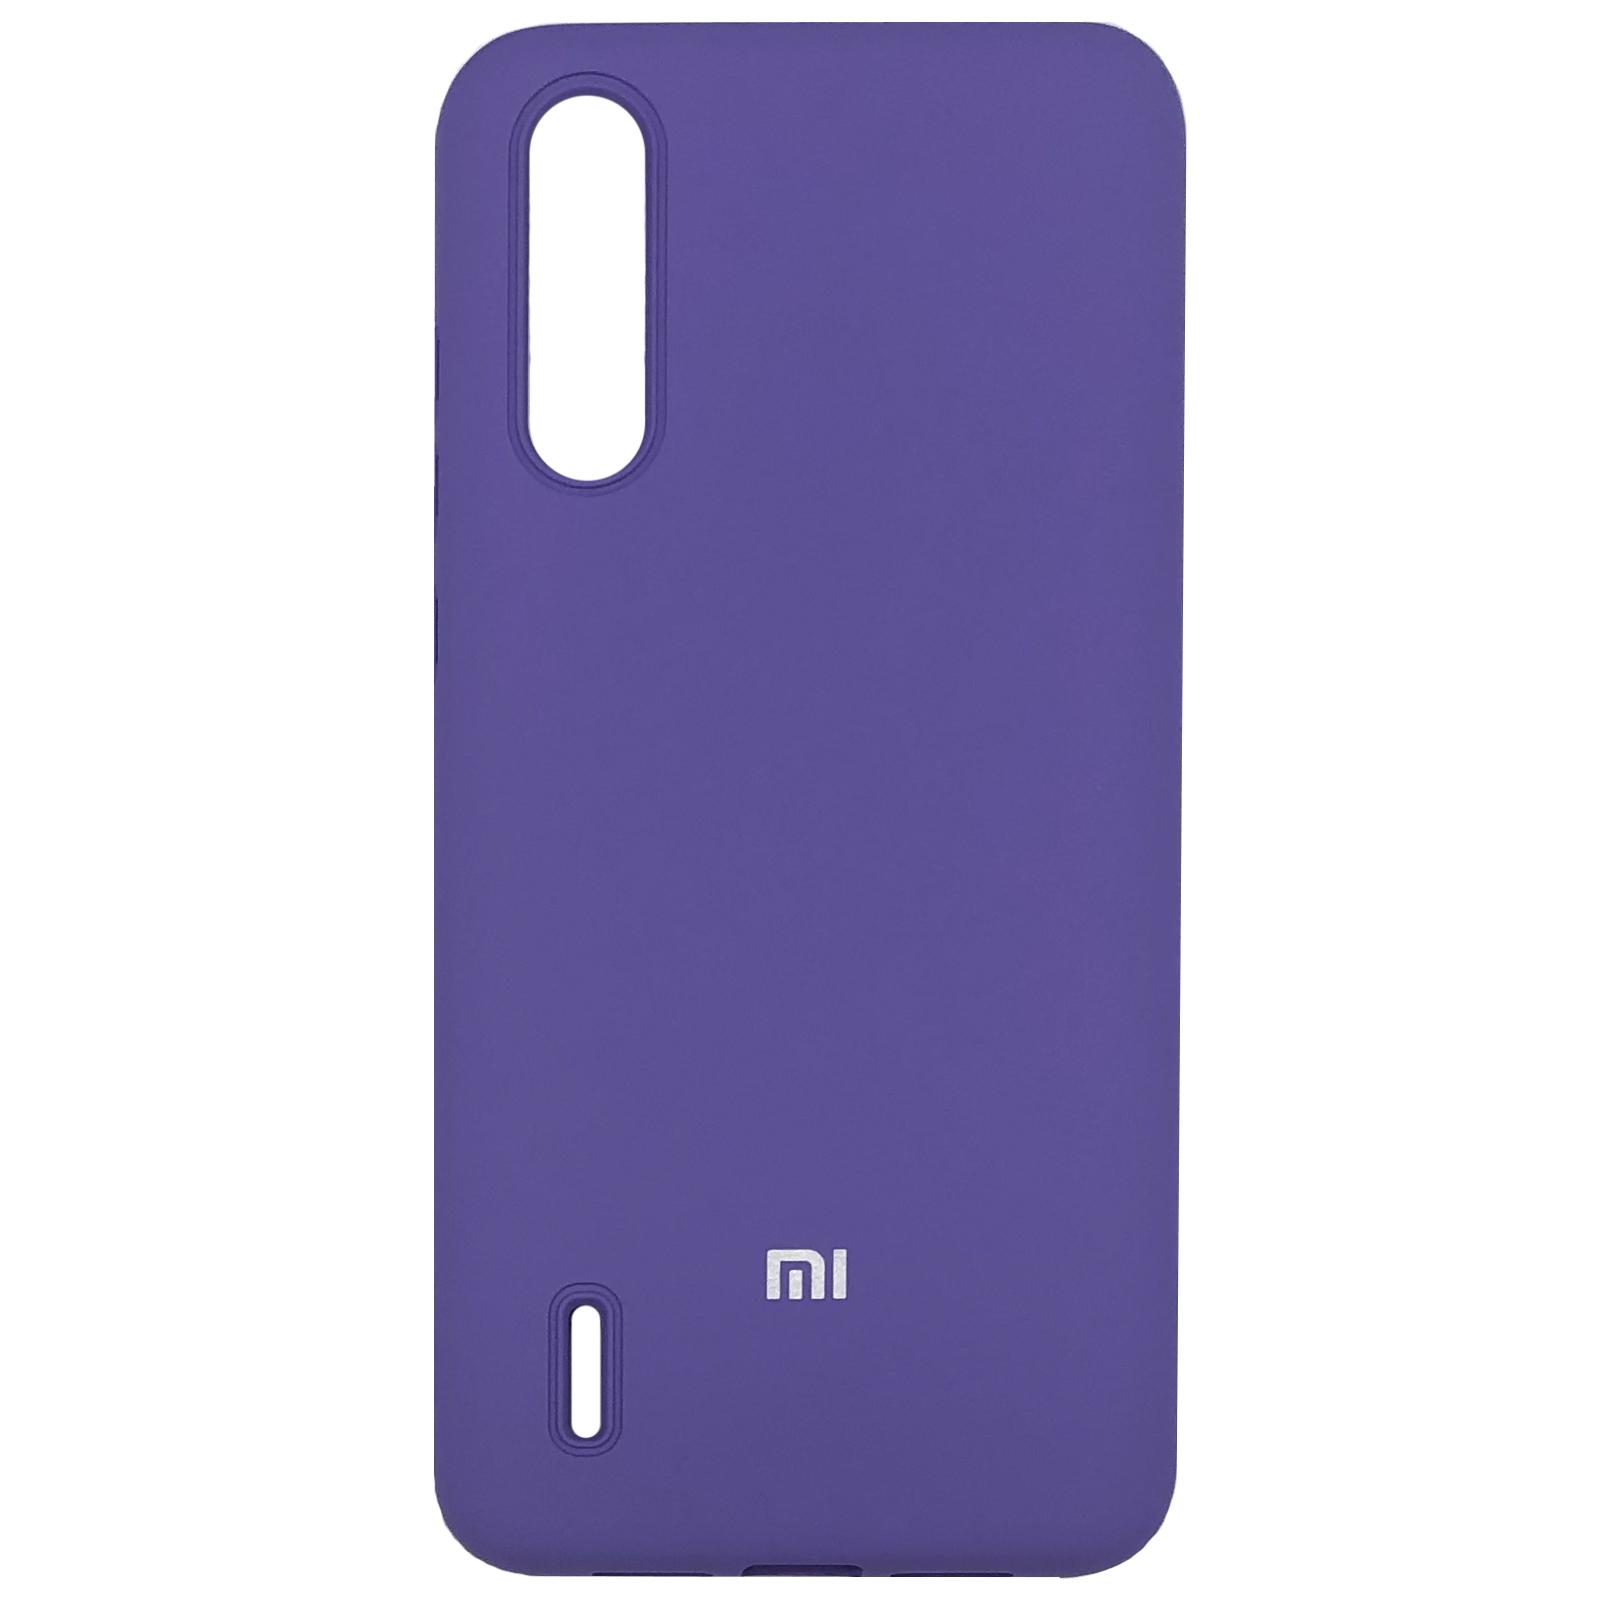 کاور مدل SIL-001 مناسب برای گوشی موبایل شیائومی Mi 9 Lite / CC9